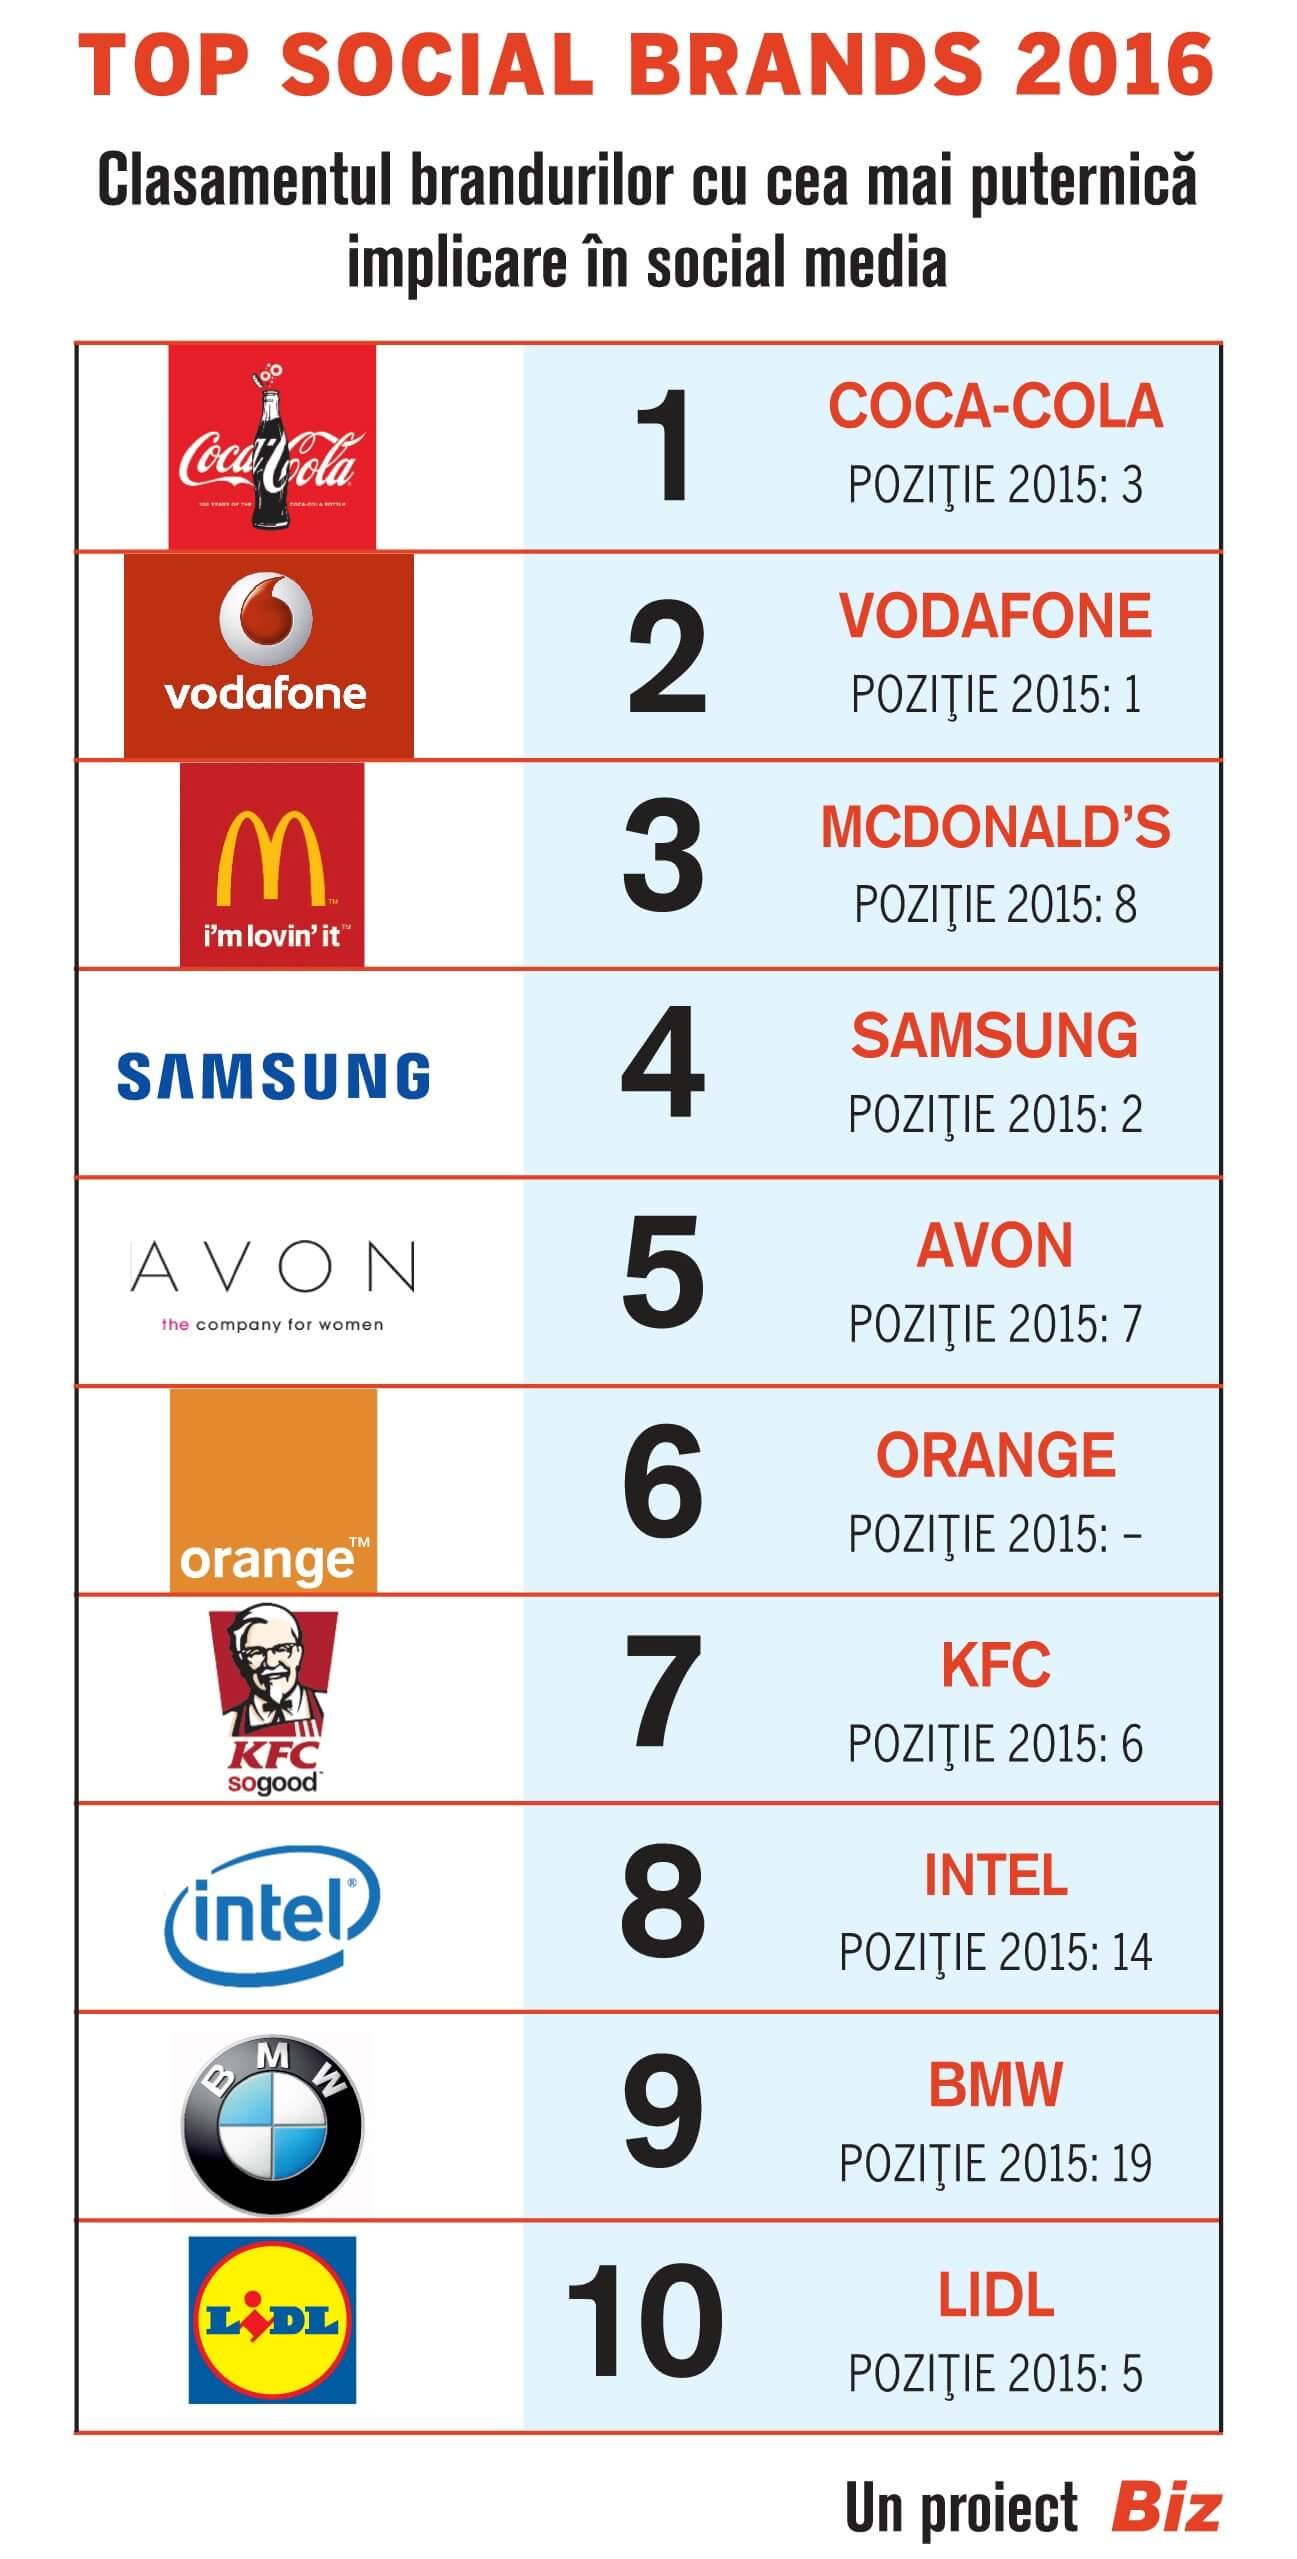 Top Social Brands 2016 - Top 10